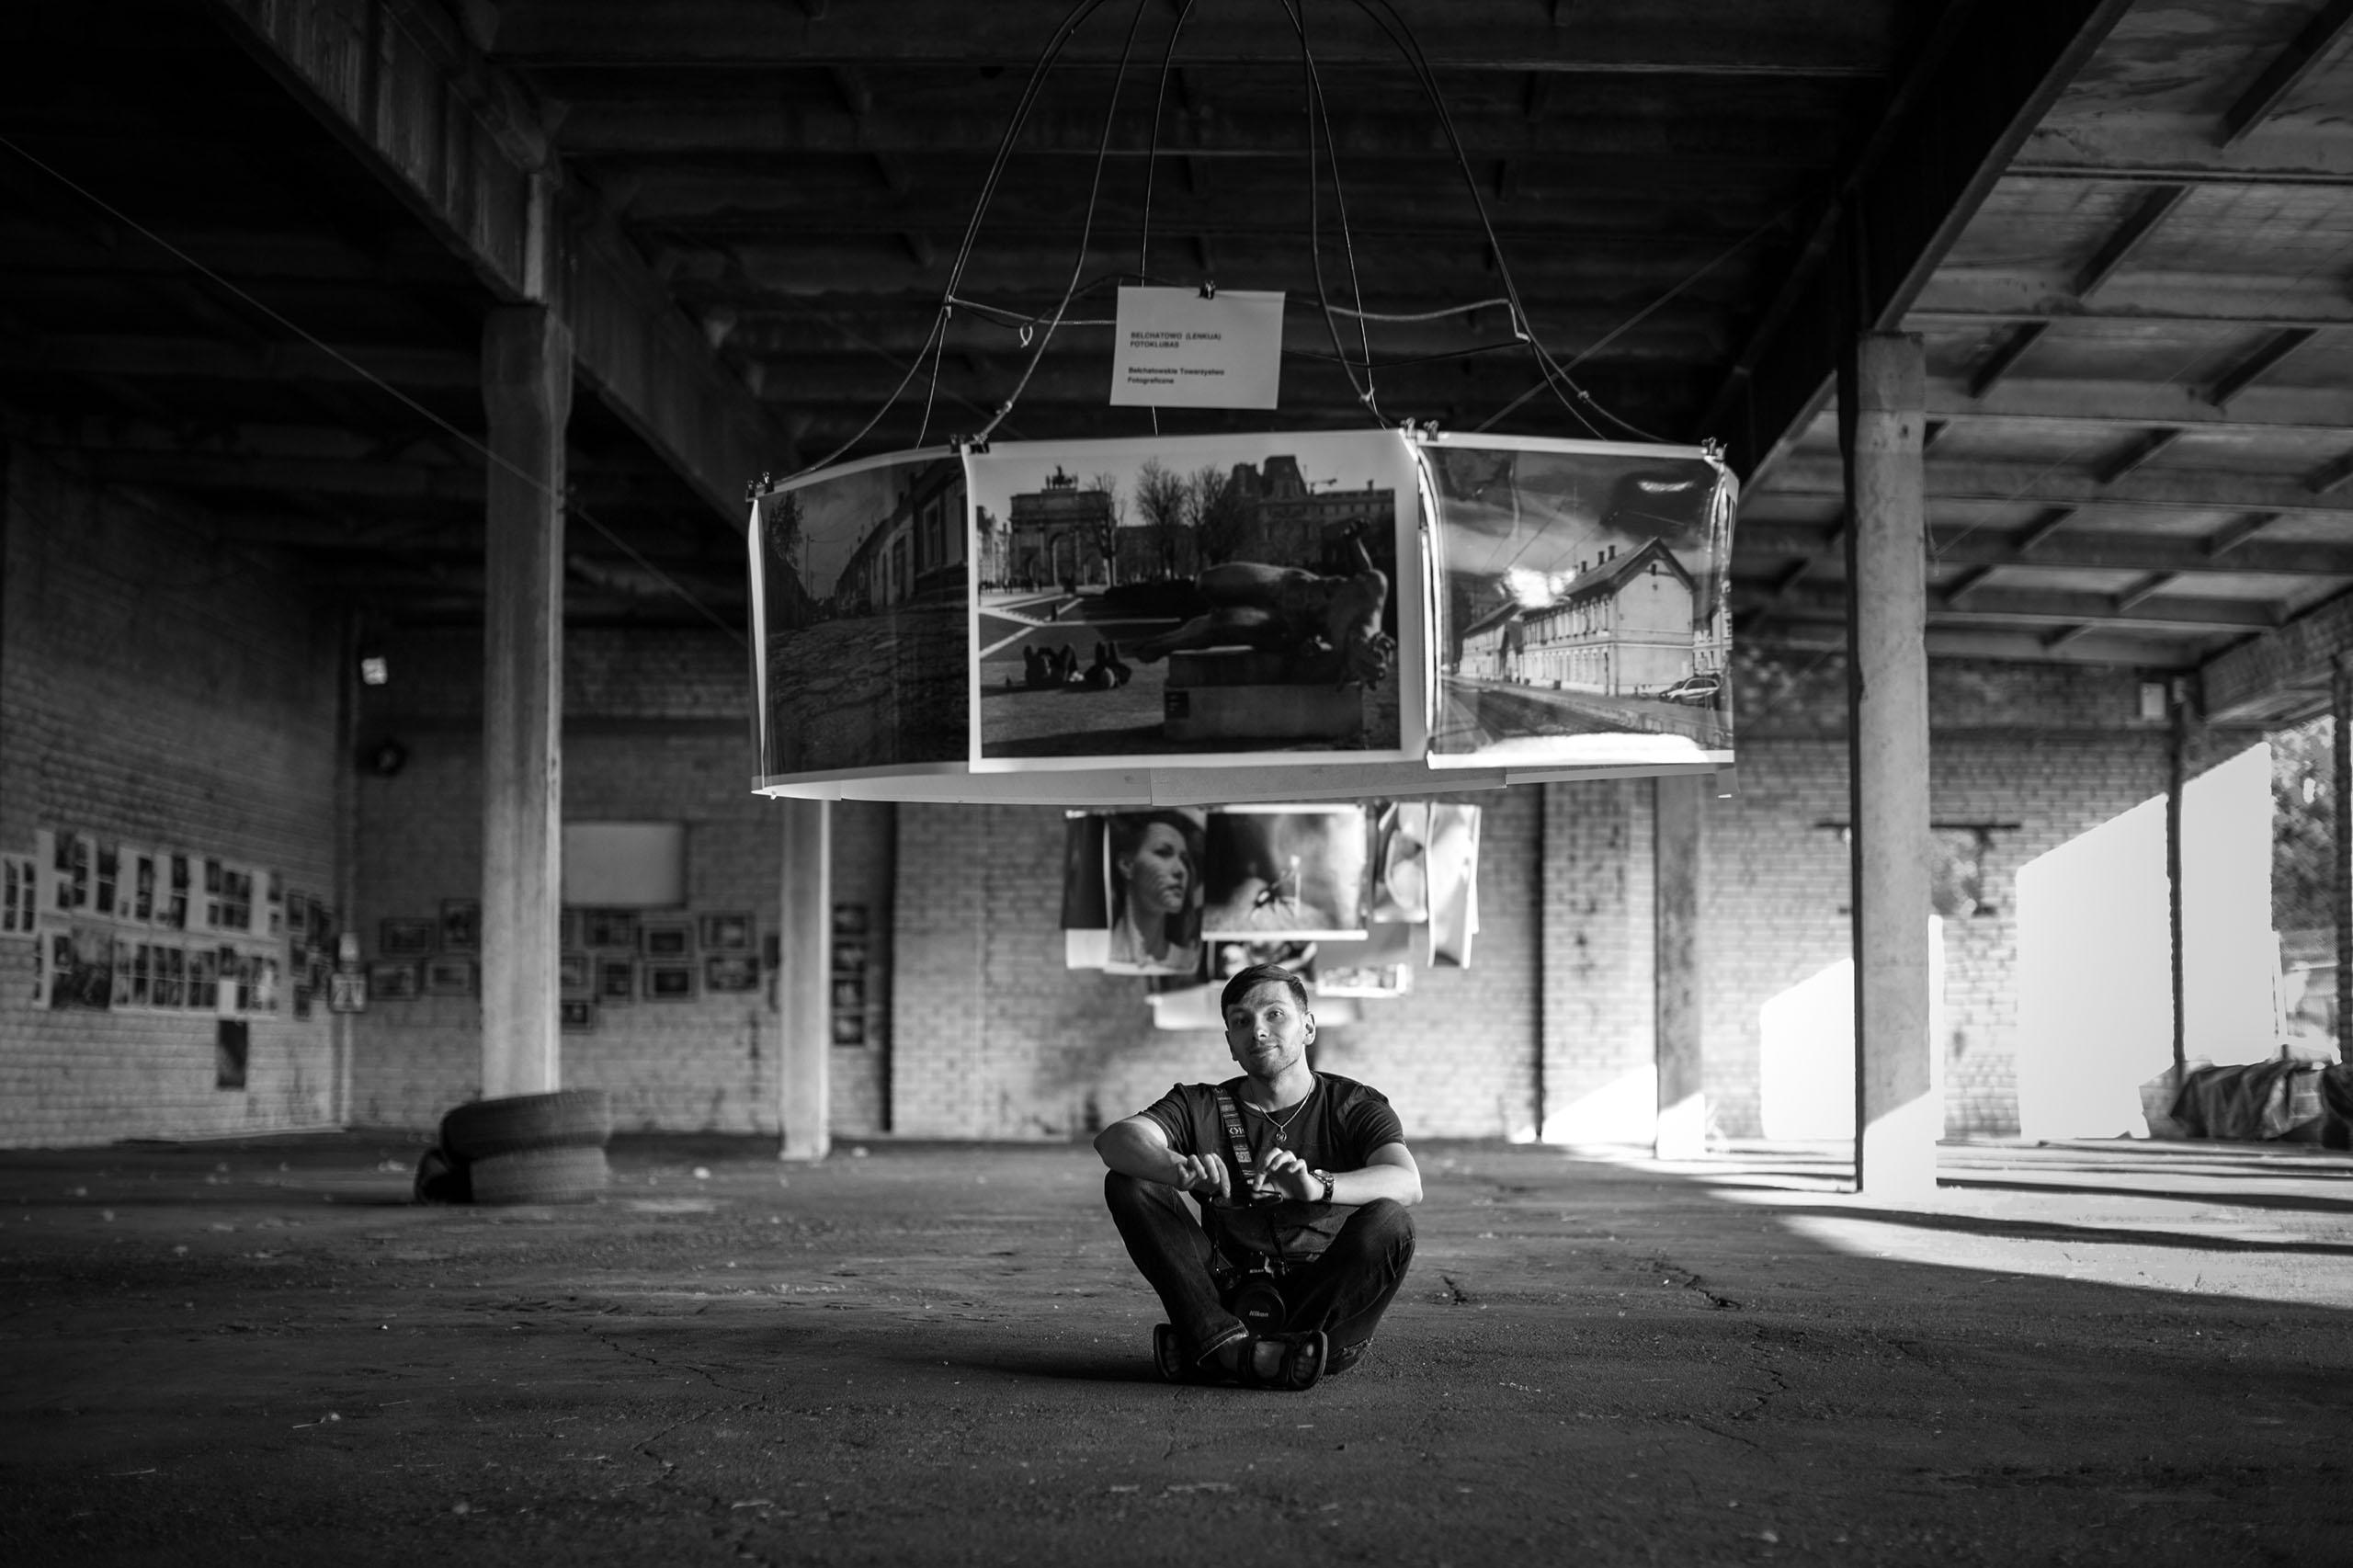 Fotoklubų suvažiavimas_2016_Džeina Saulite (6)